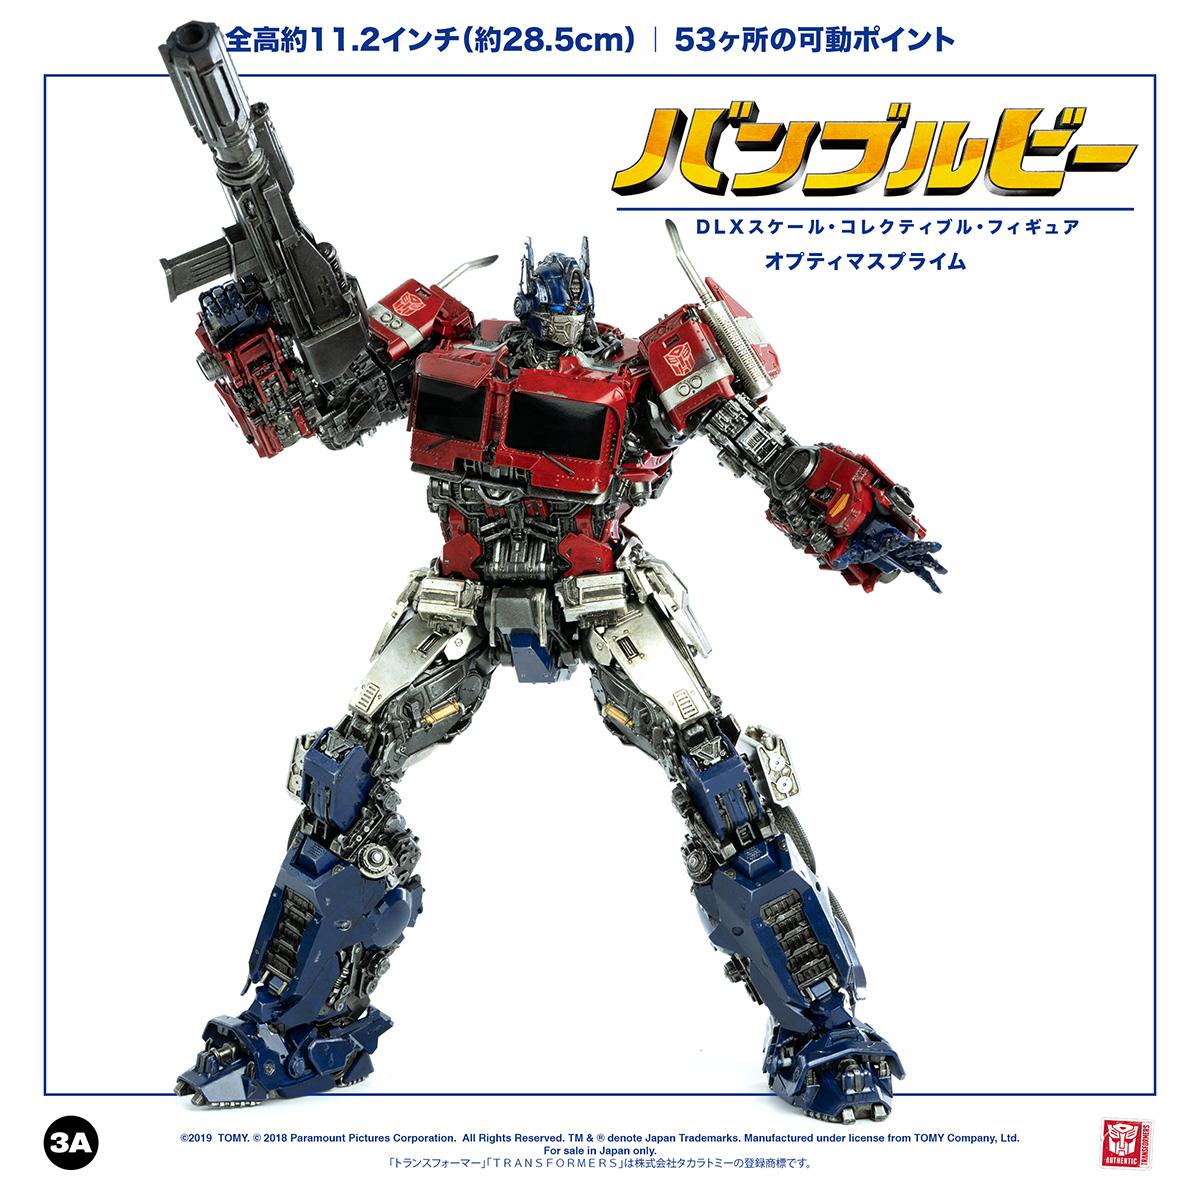 OP_DLX_JAP_5945.jpg